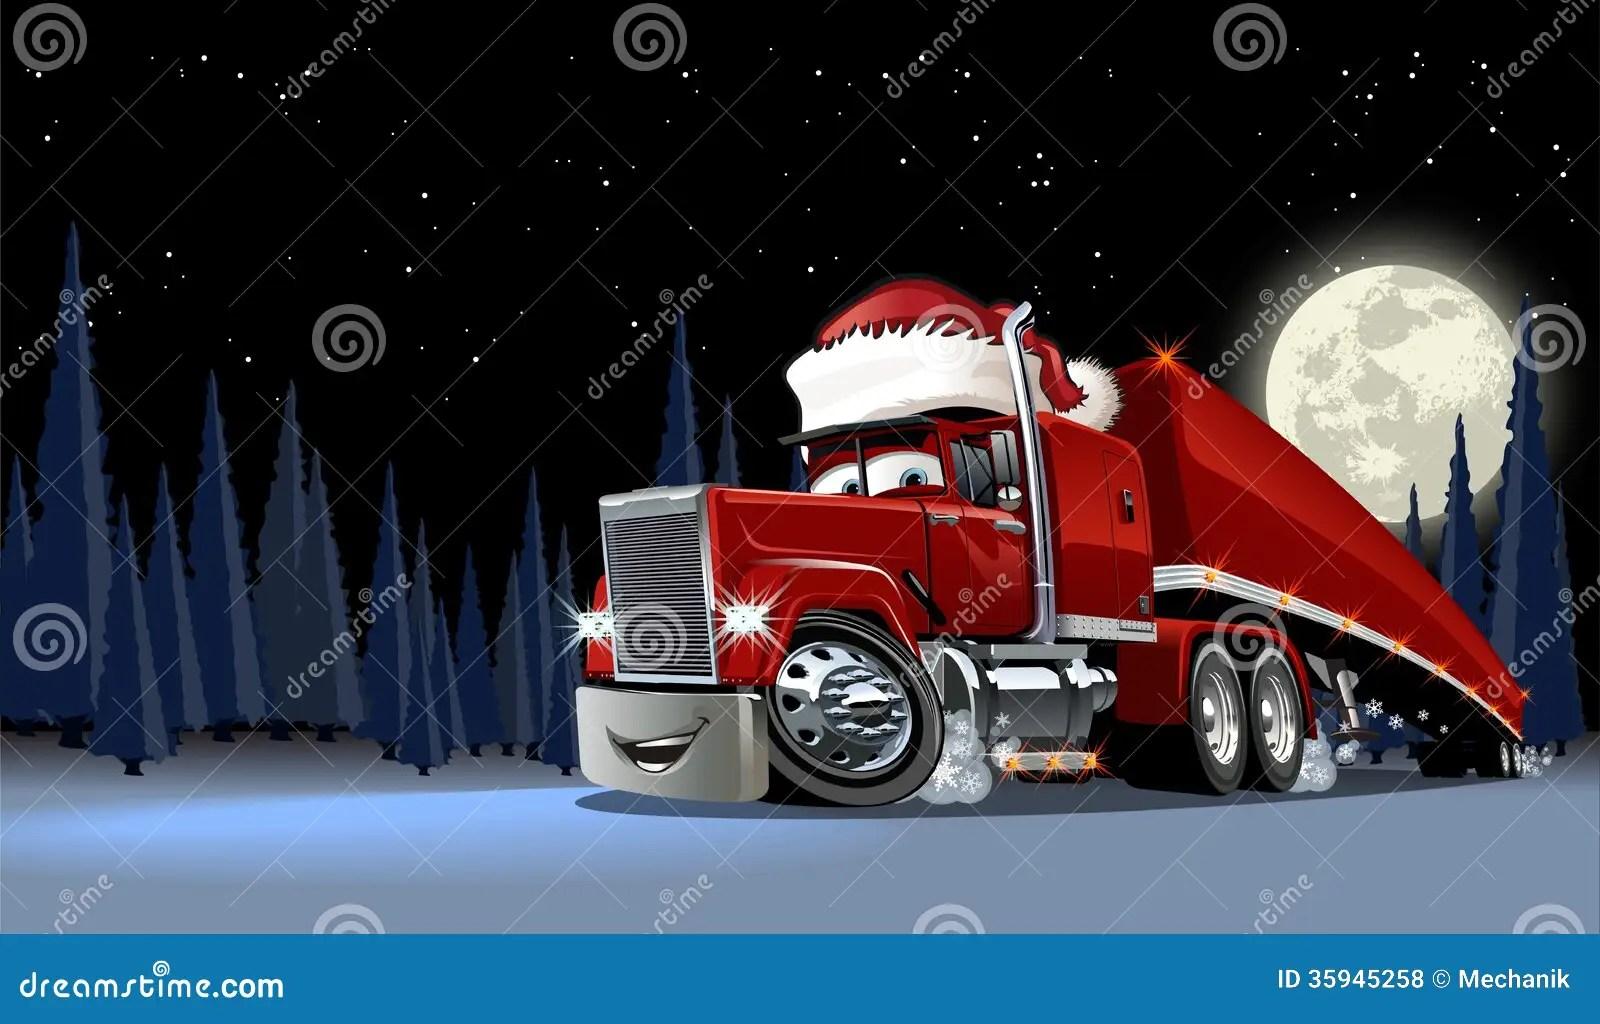 Vektor Weihnachtskarte Vektor Abbildung Illustration Von